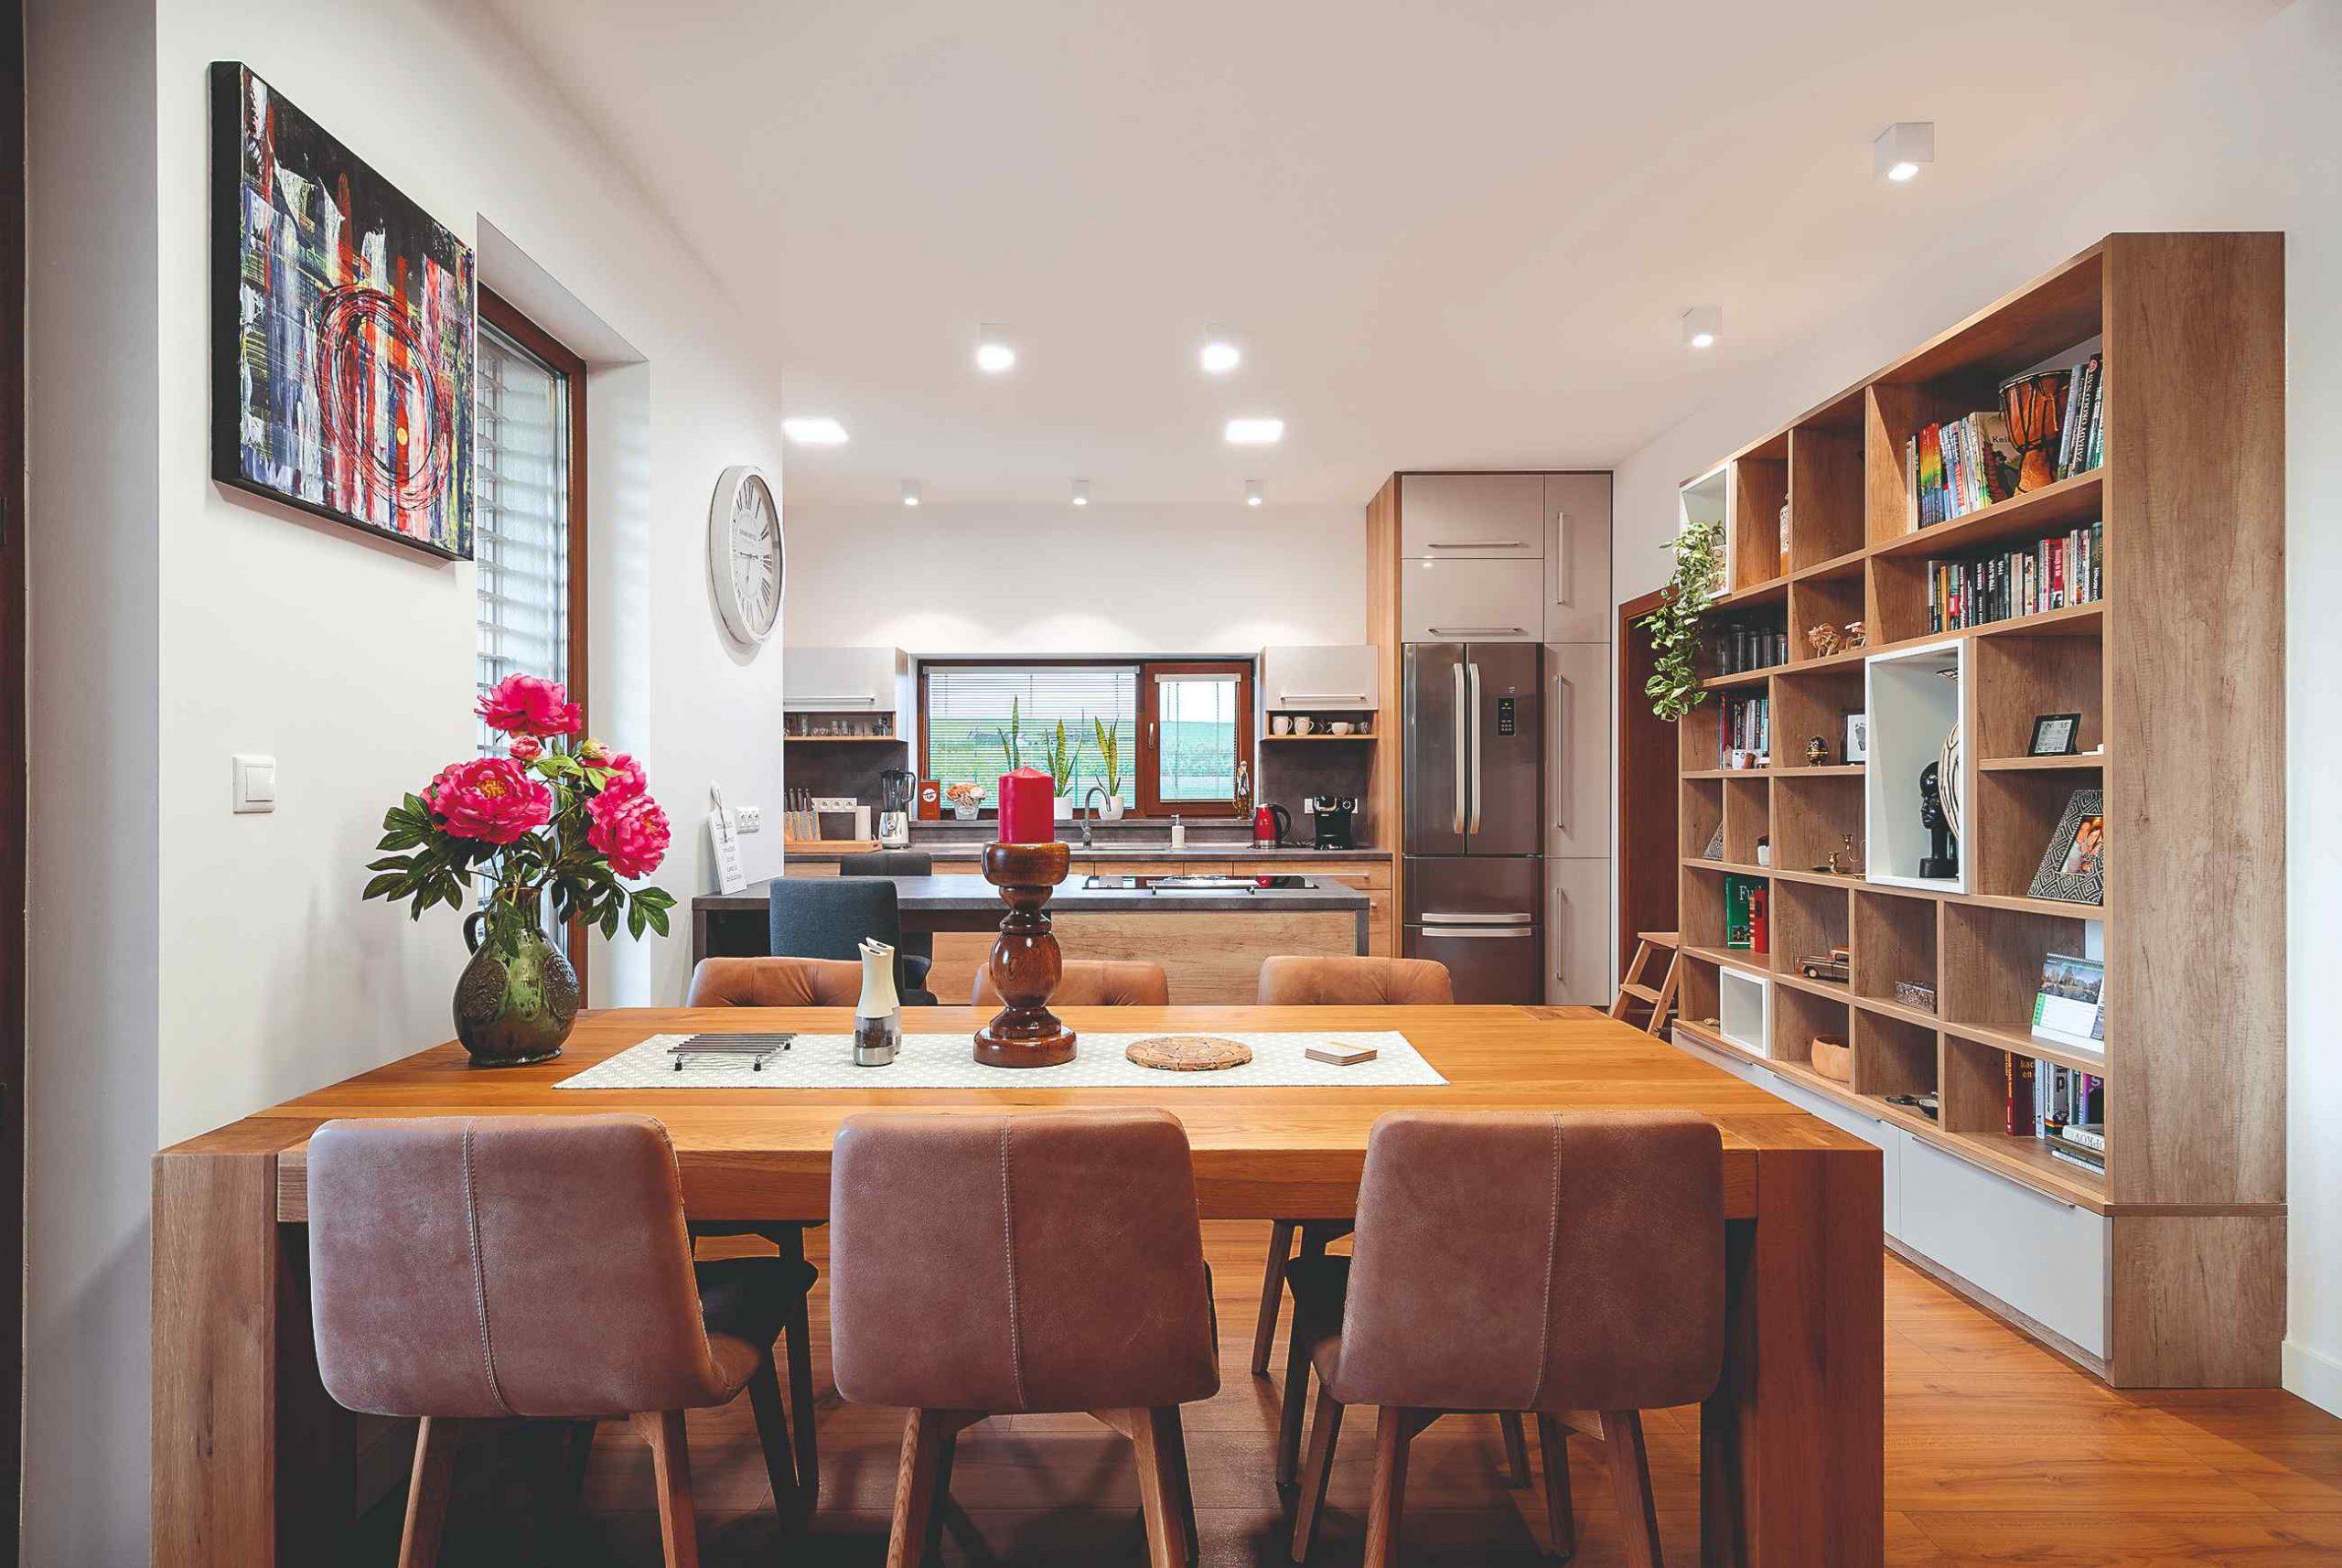 Jedáleň s tapacírovanými stoličkami a knižnica